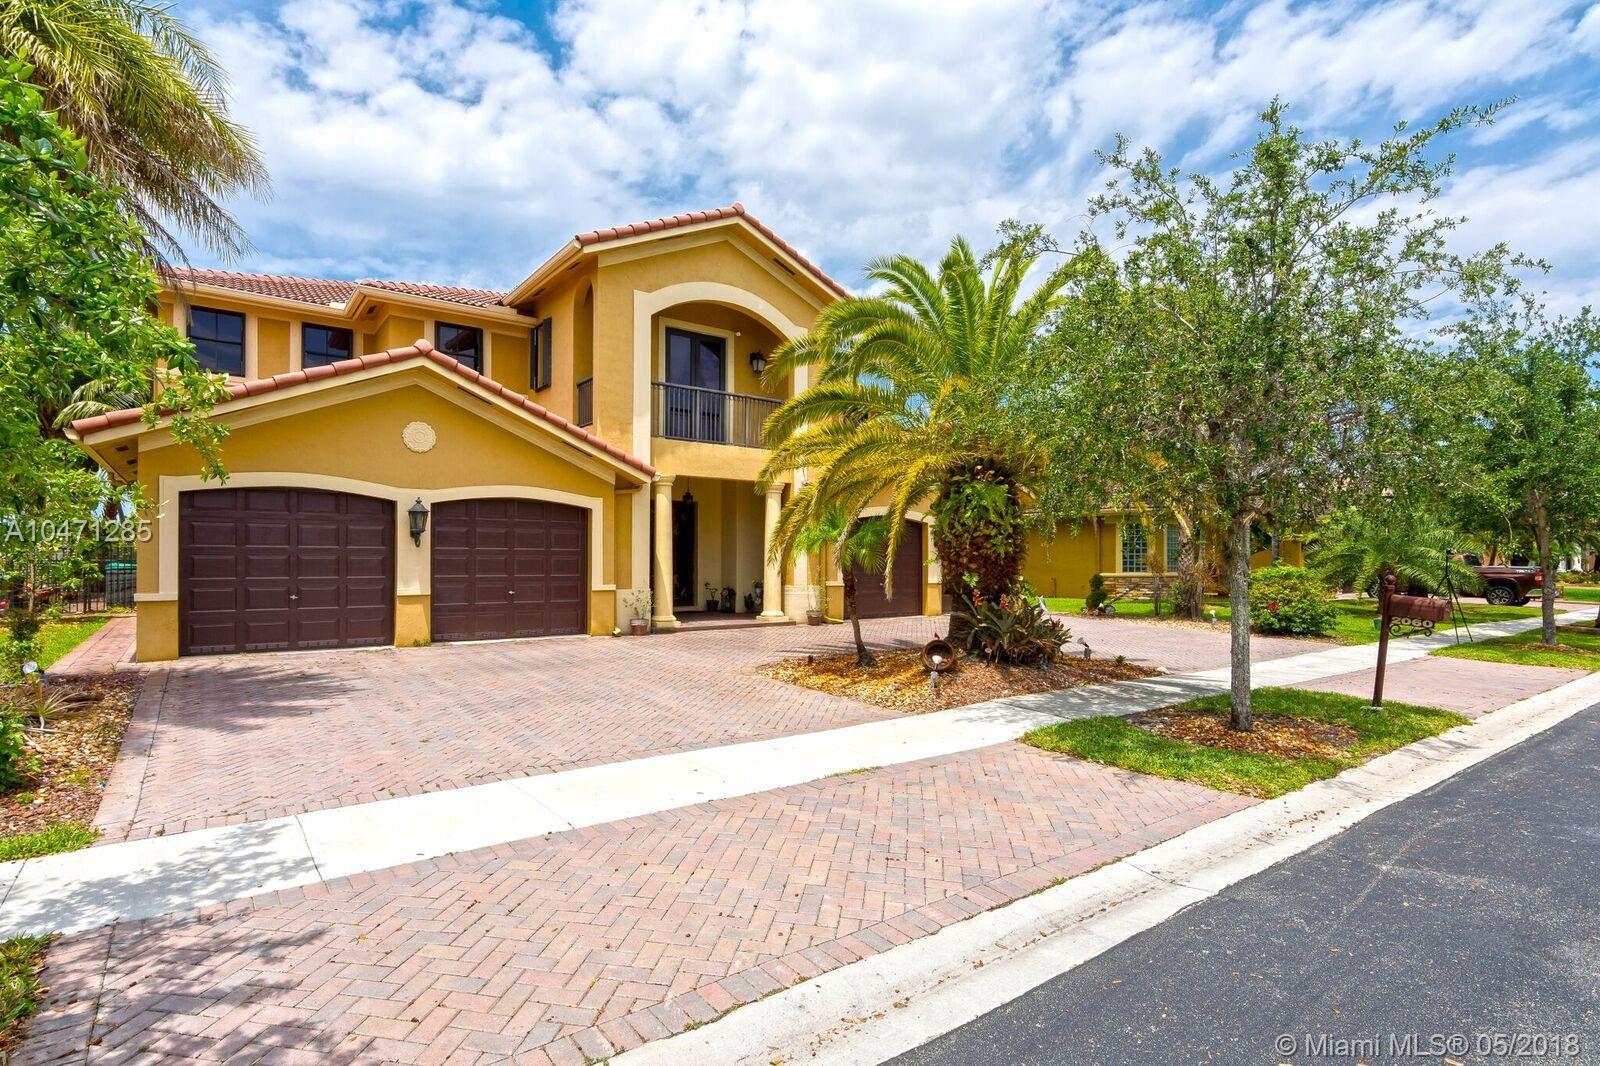 2060 Sw 195th Ave, Miramar FL, 33029